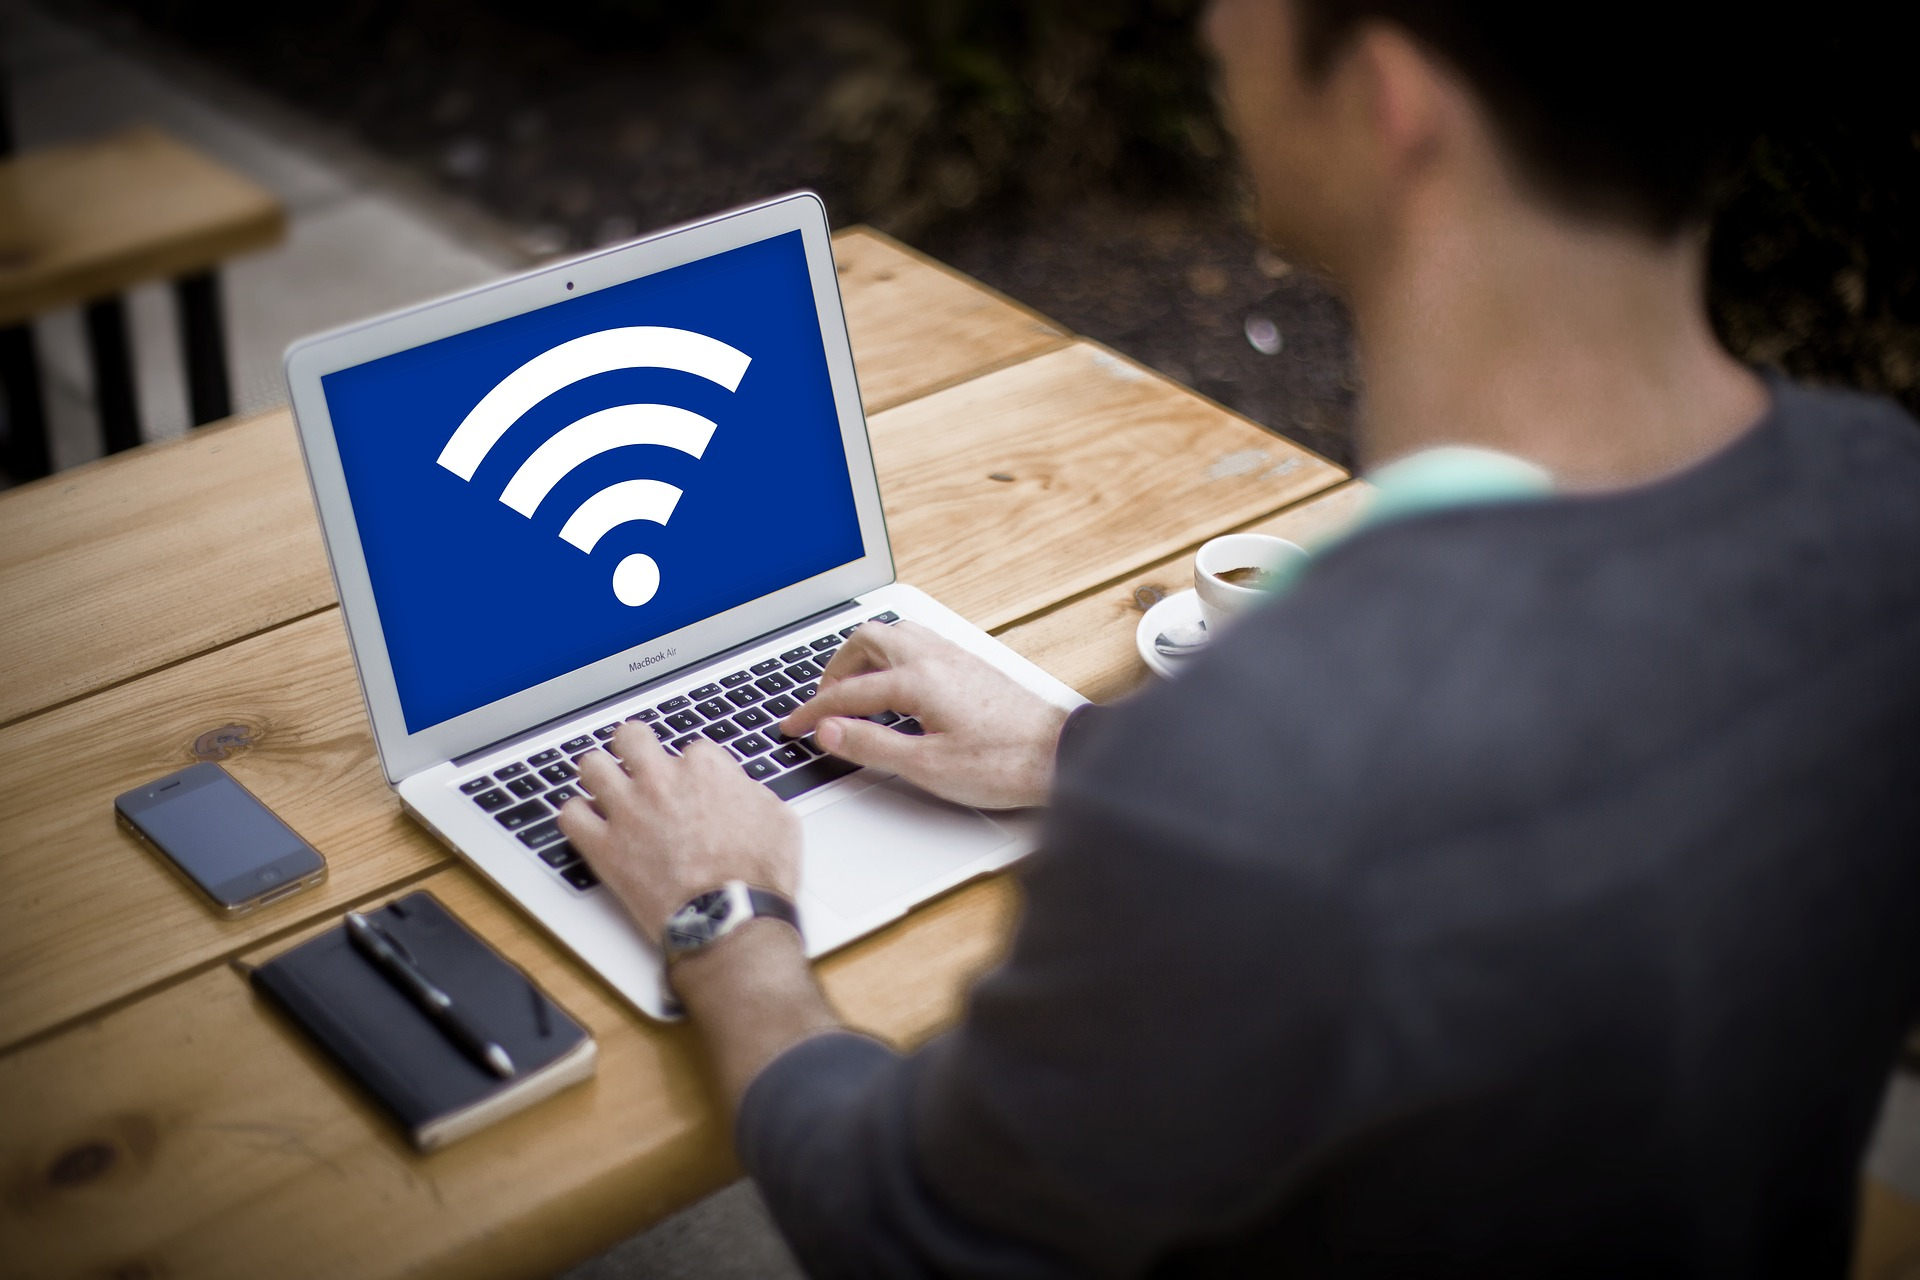 Derfor skal du ikke gå ned på kvalitet når det kommer til internet